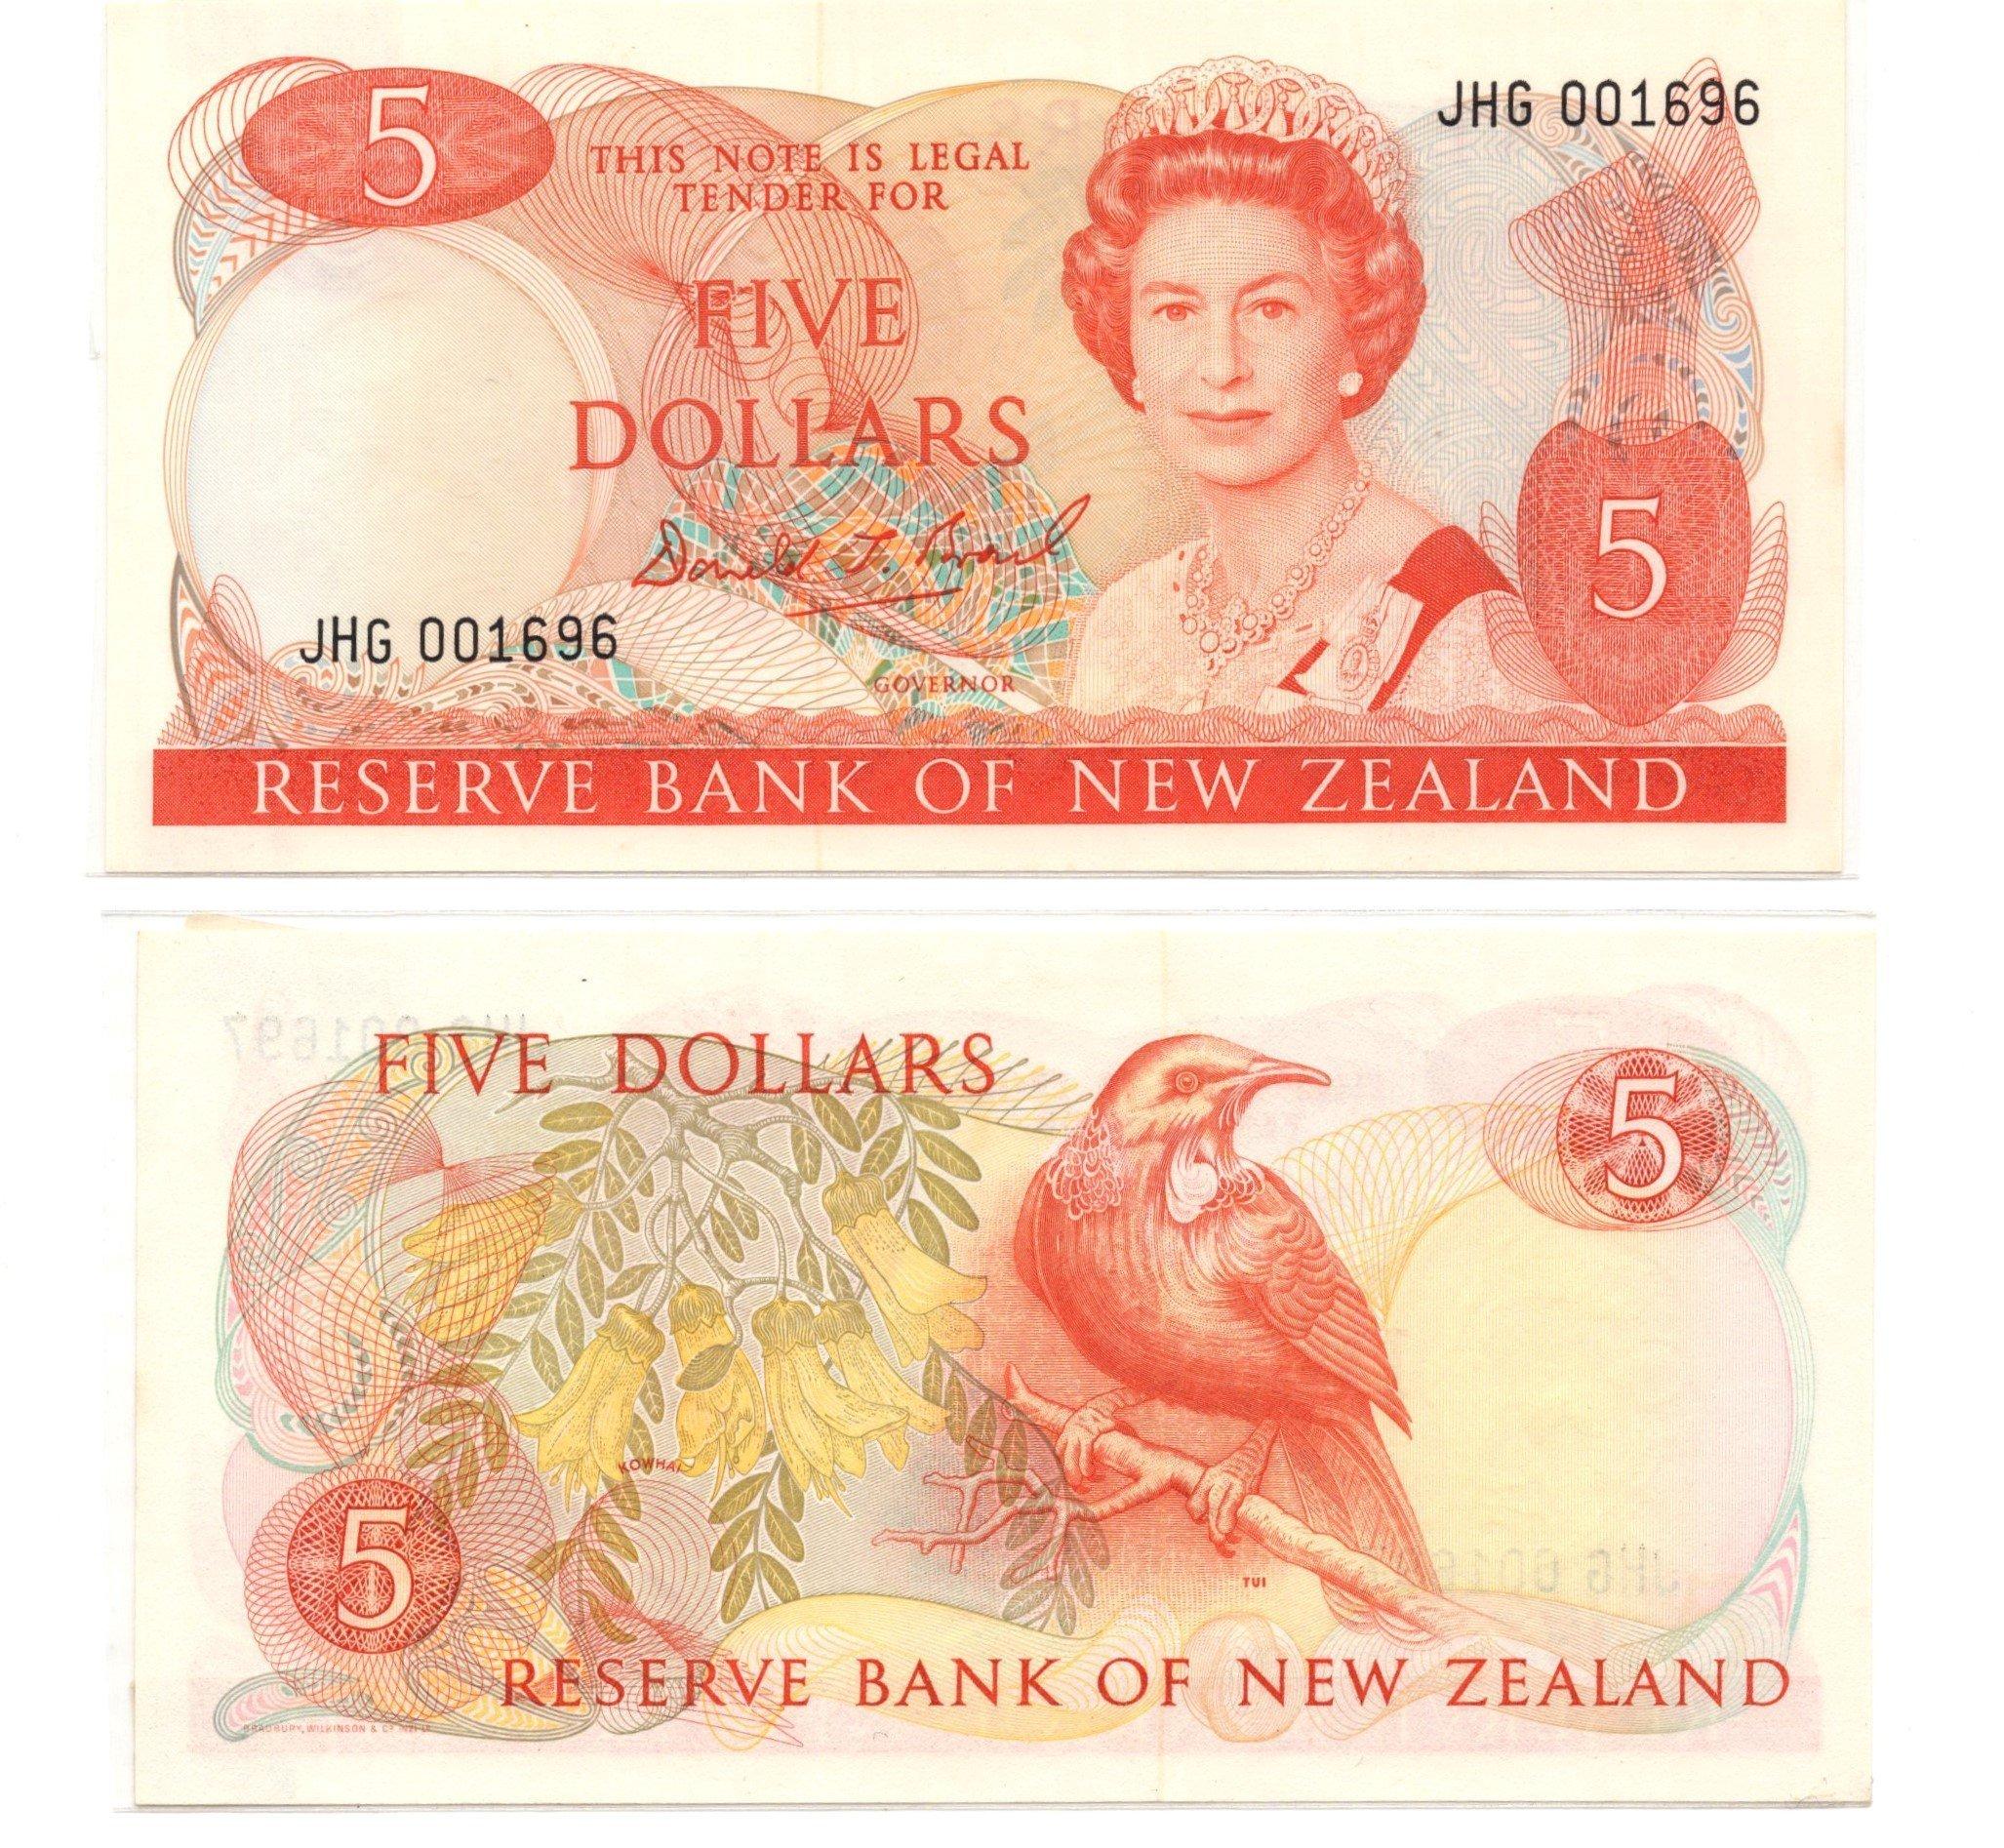 NZ 5 dollars brash